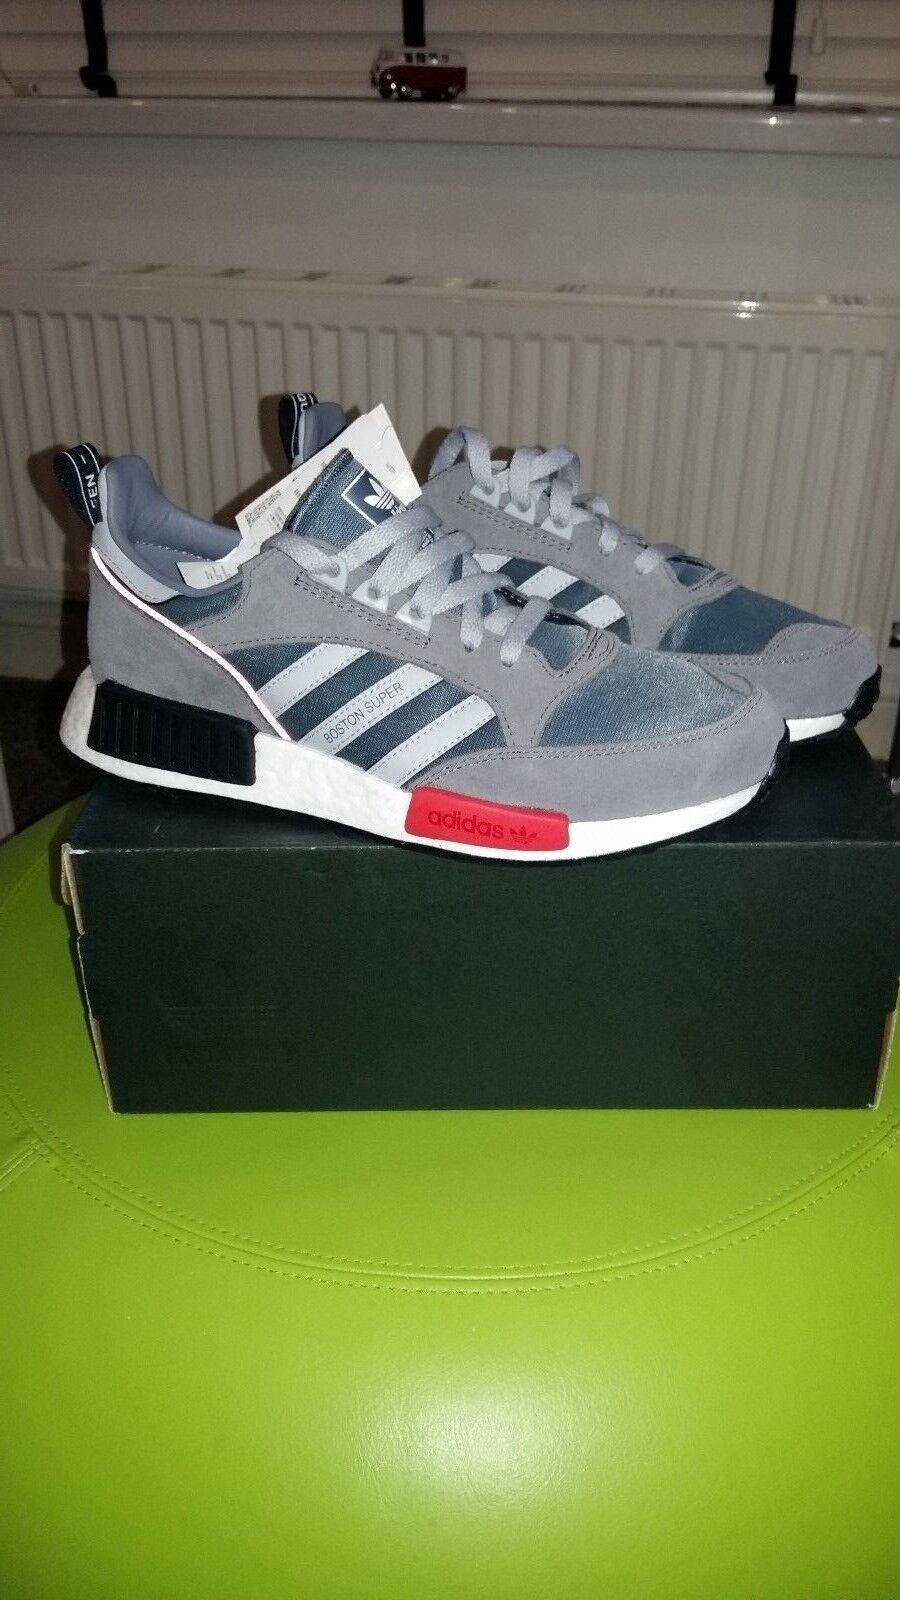 Adidas  Boston Super XR1 Boost  originals  Retro trainers size 8 uk eur 42